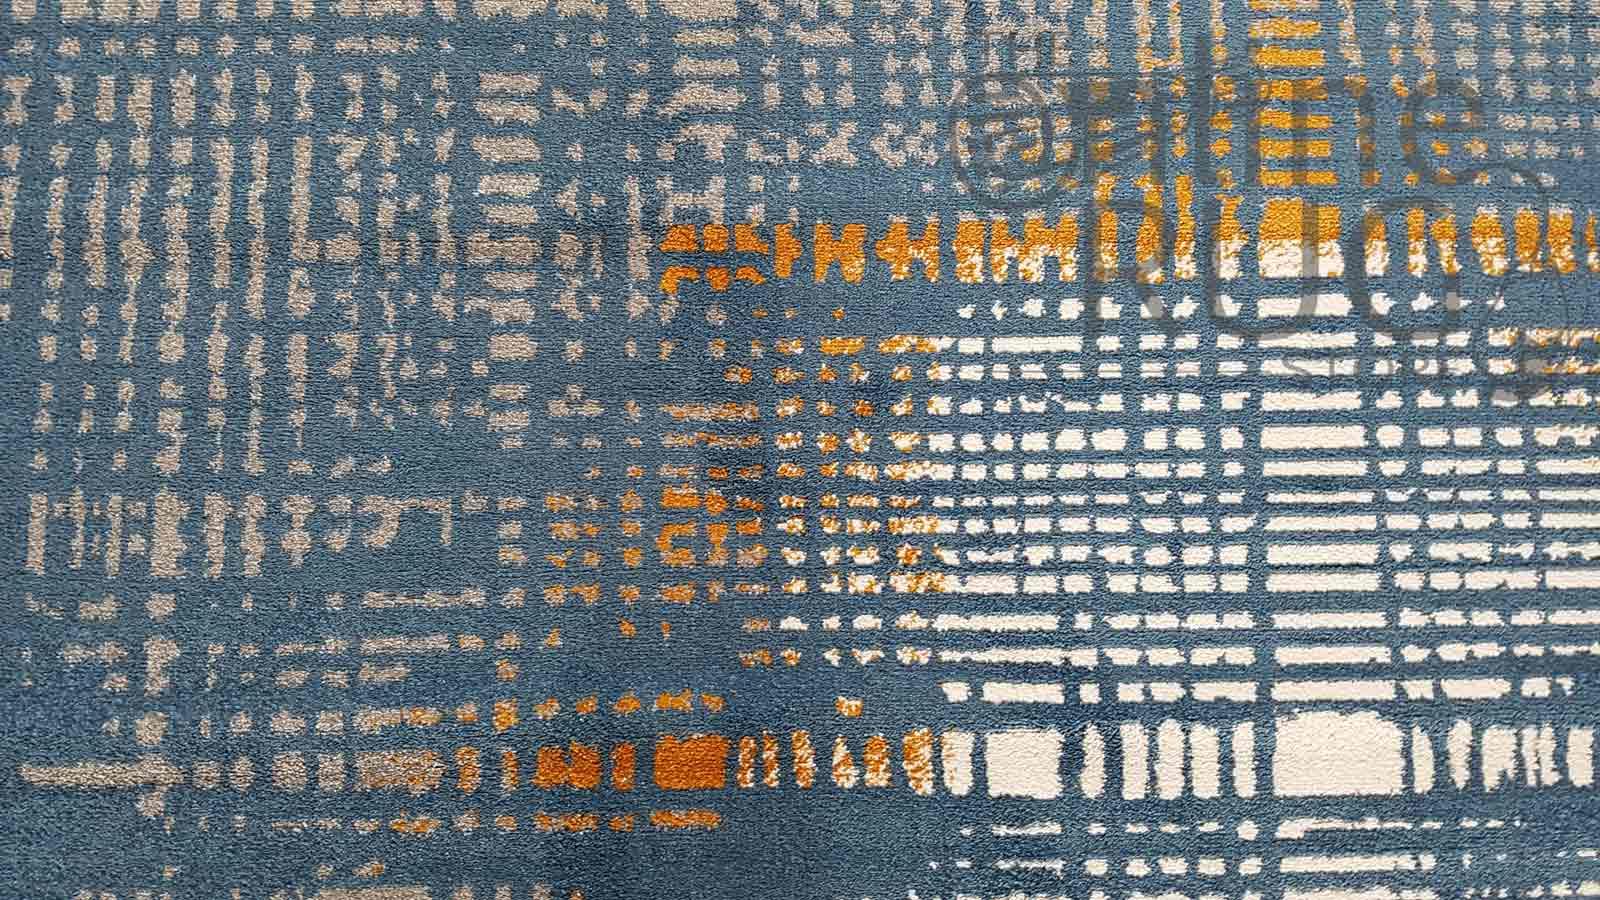 Abstract Cobalt